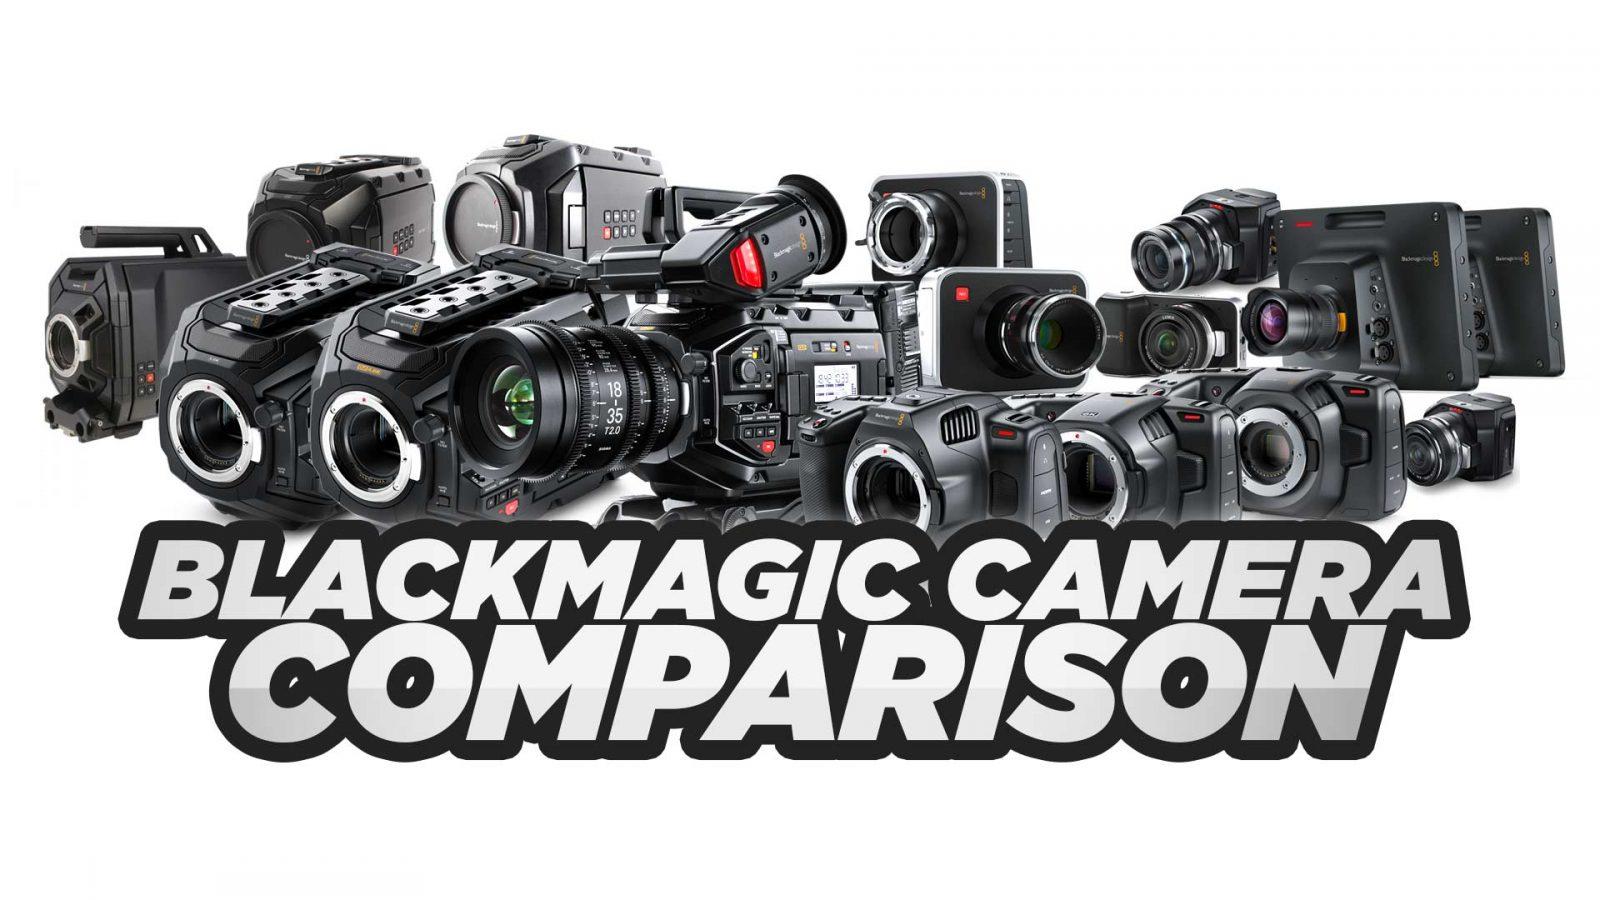 Blackmagic Camera Comparison